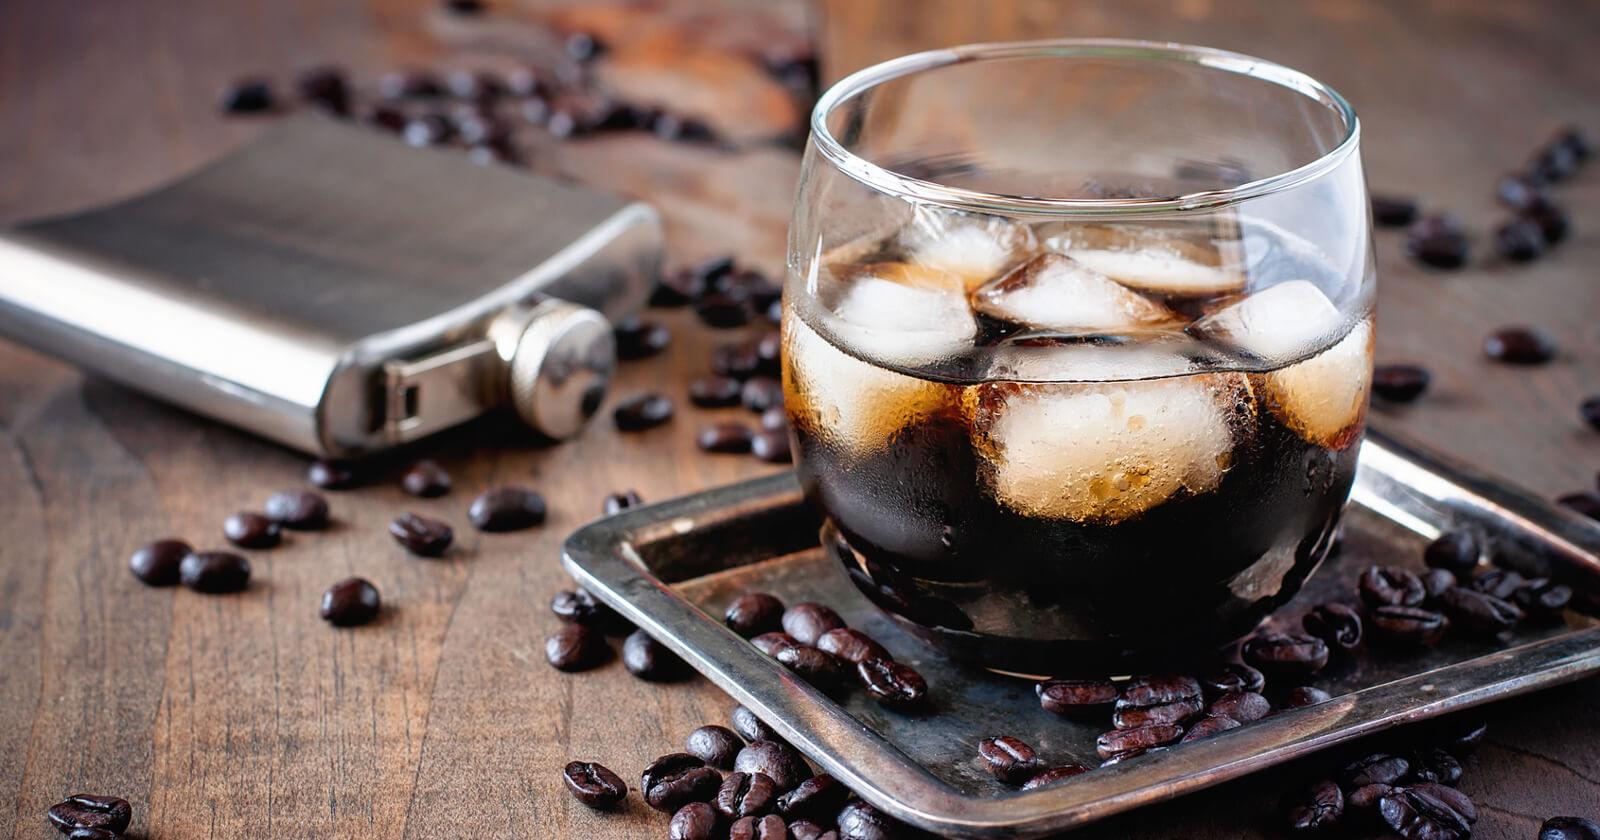 Koffein und Alkohol können Magengeschwüre begünstigen